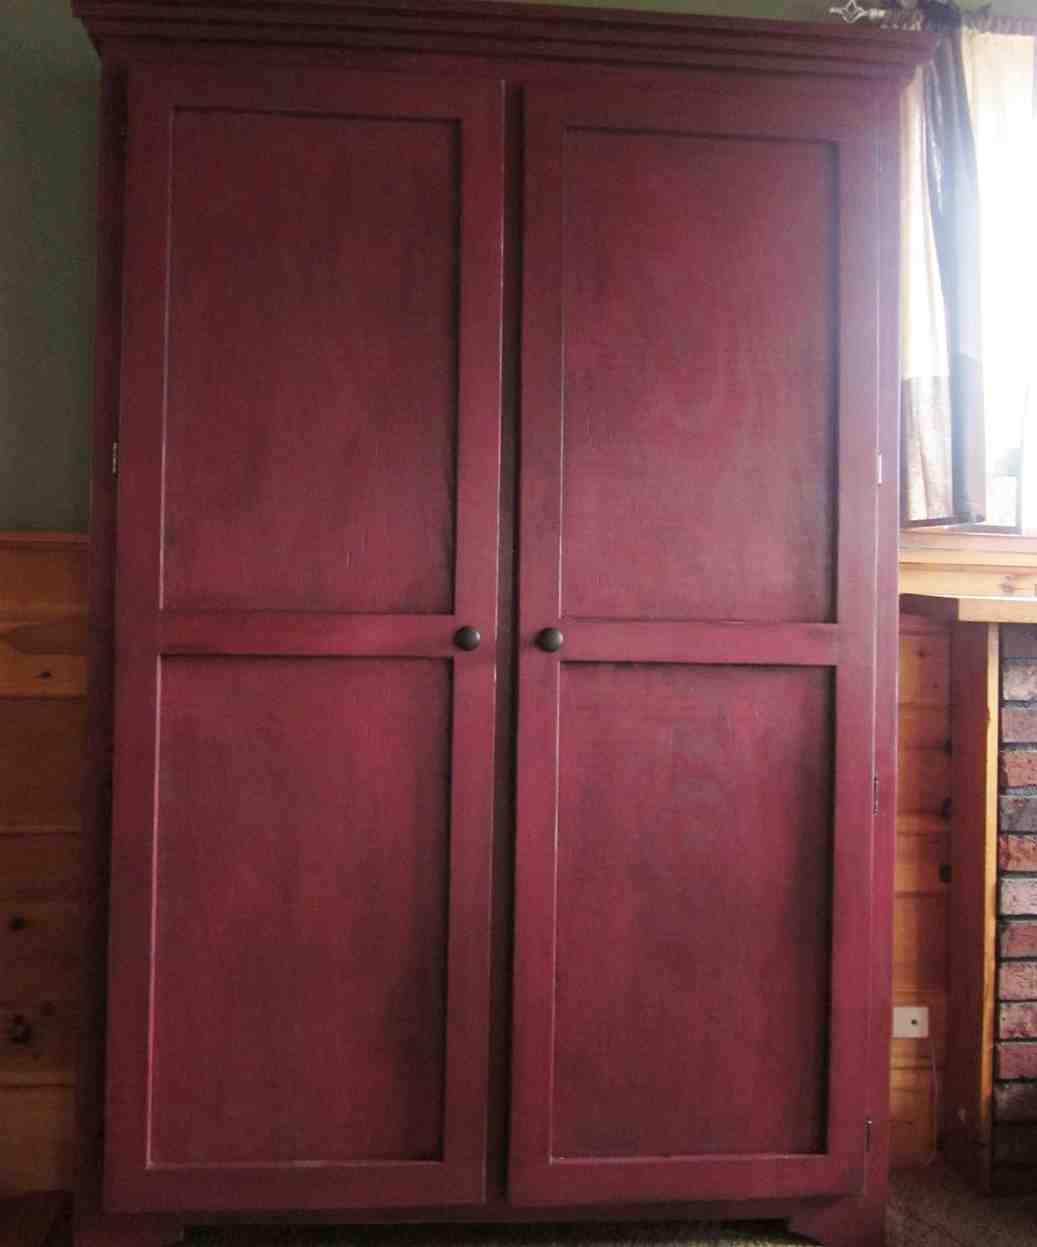 armoire plans home furniture design. Black Bedroom Furniture Sets. Home Design Ideas